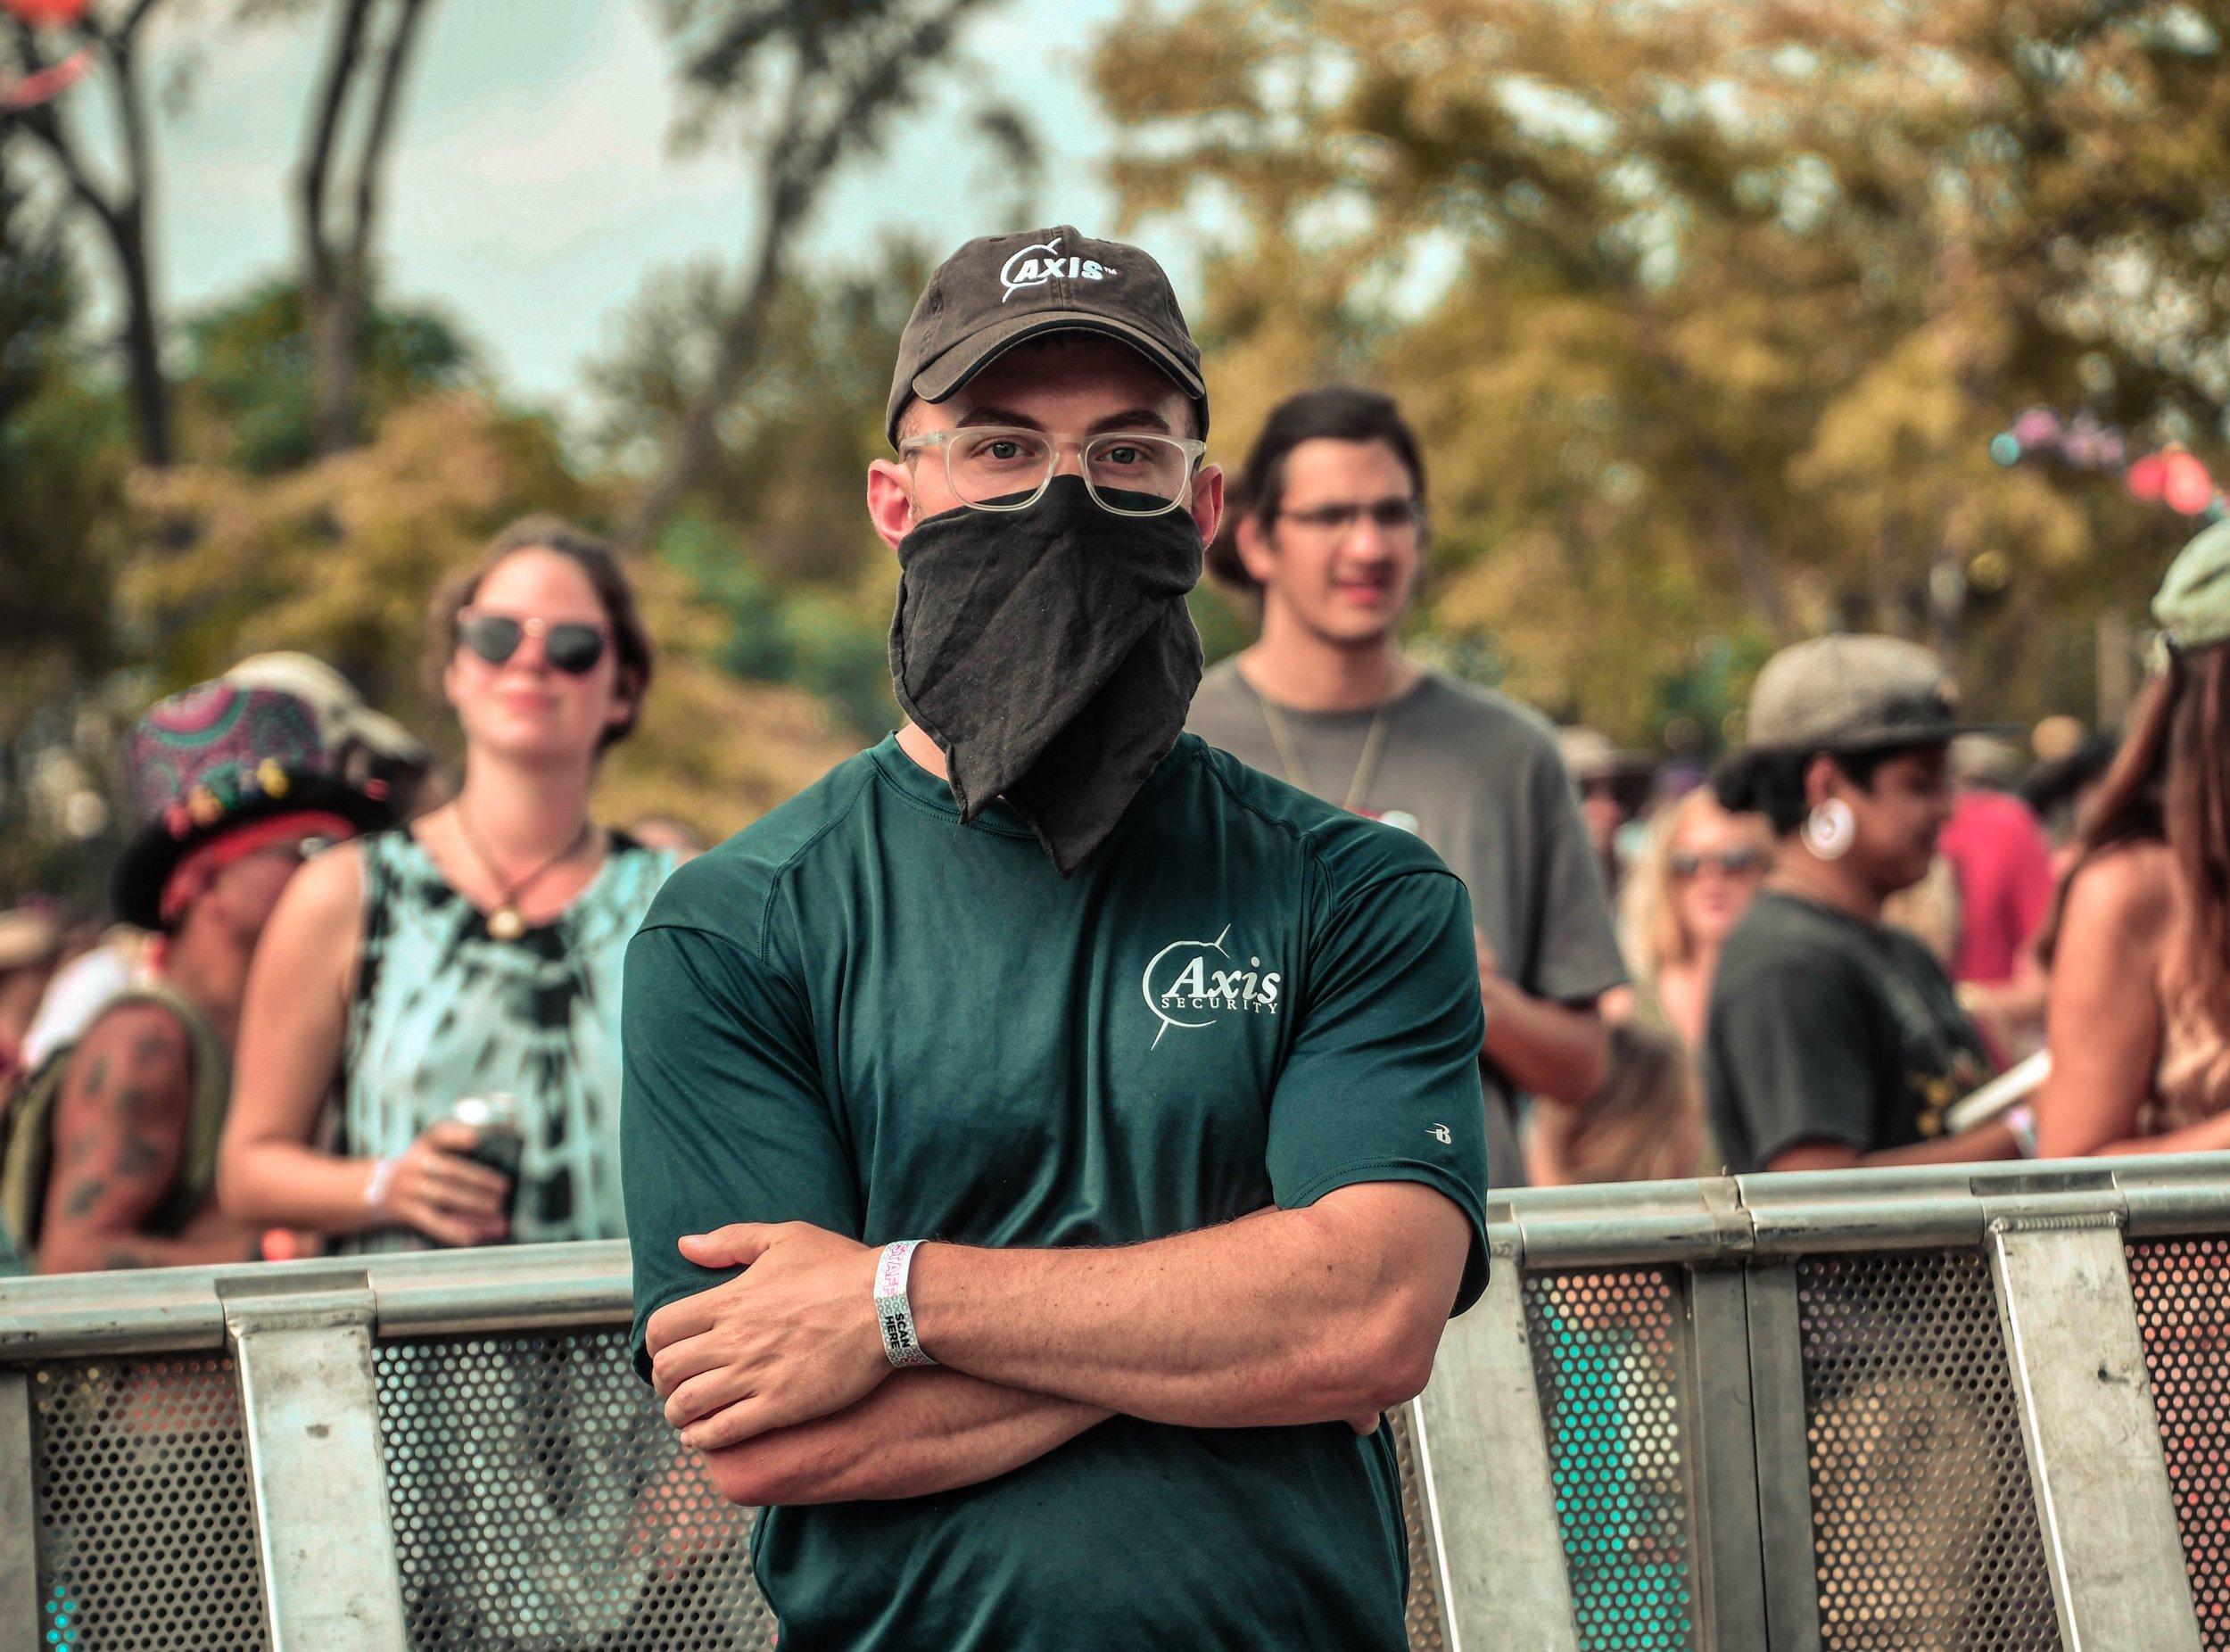 K. Trey Pro @ Lockn' Festival